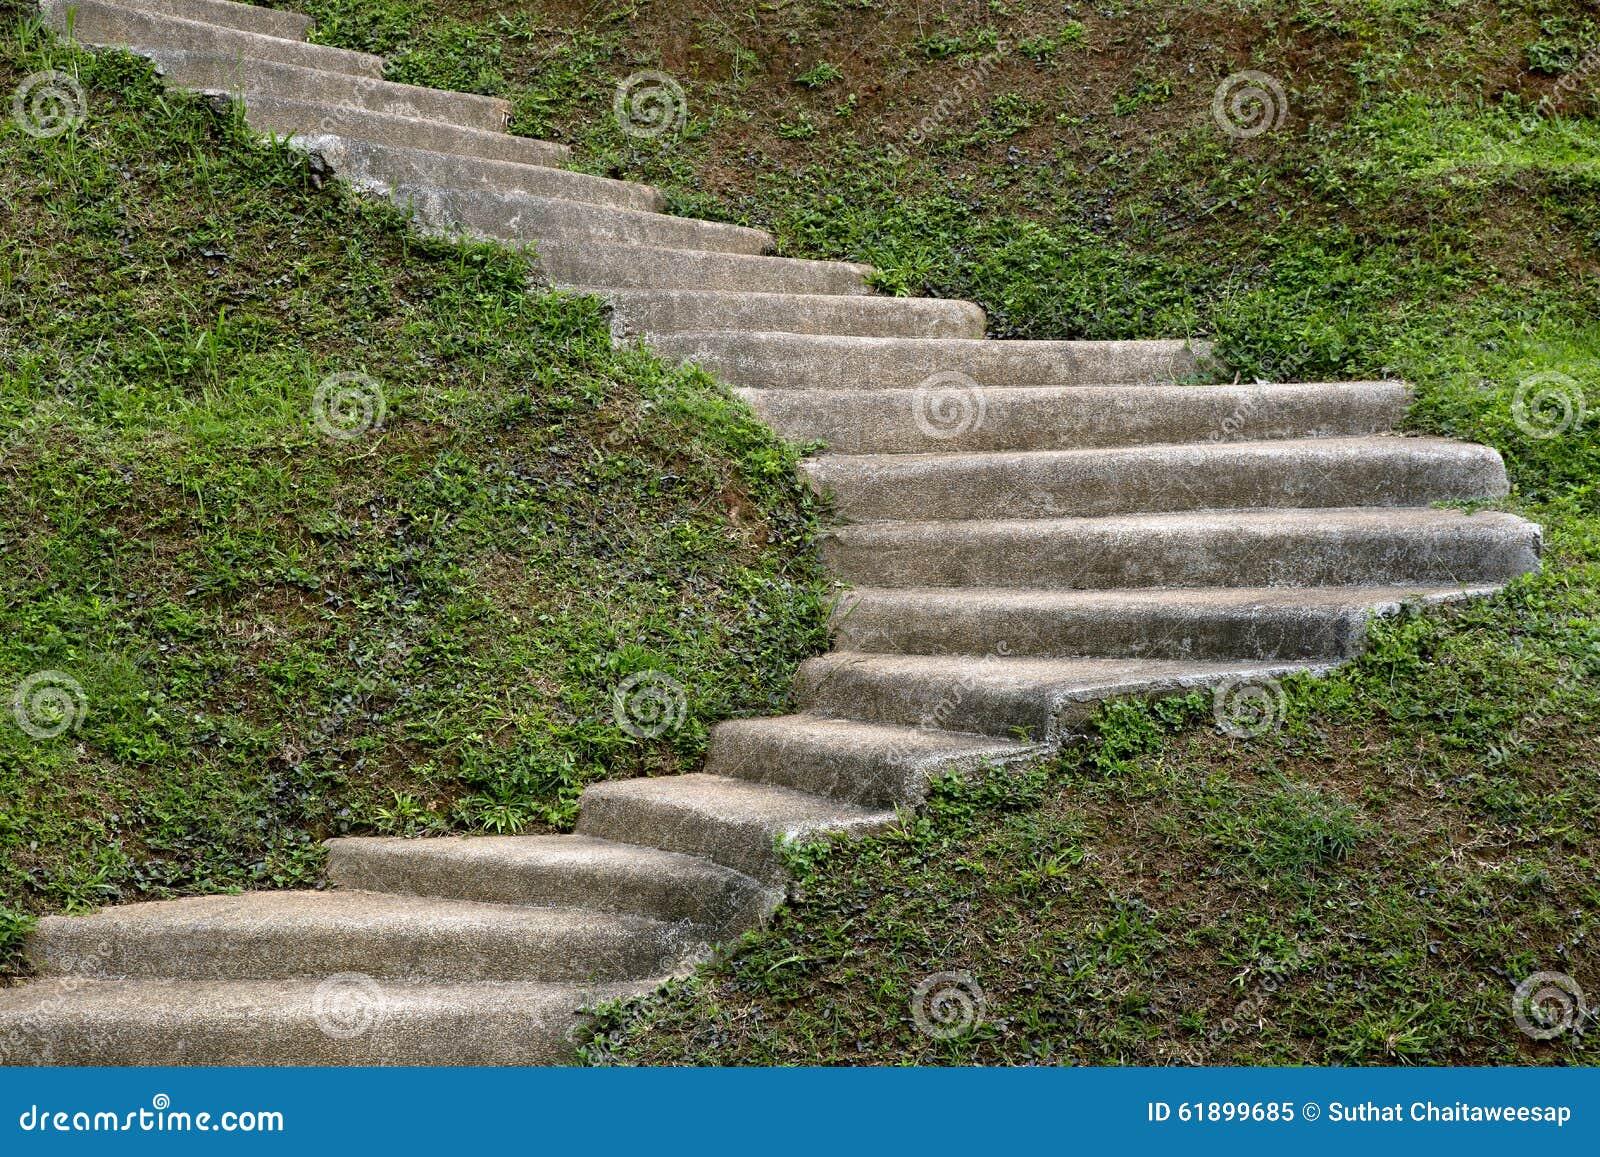 escalier en pierre d 39 tape dans le jardin photo stock image 61899685. Black Bedroom Furniture Sets. Home Design Ideas